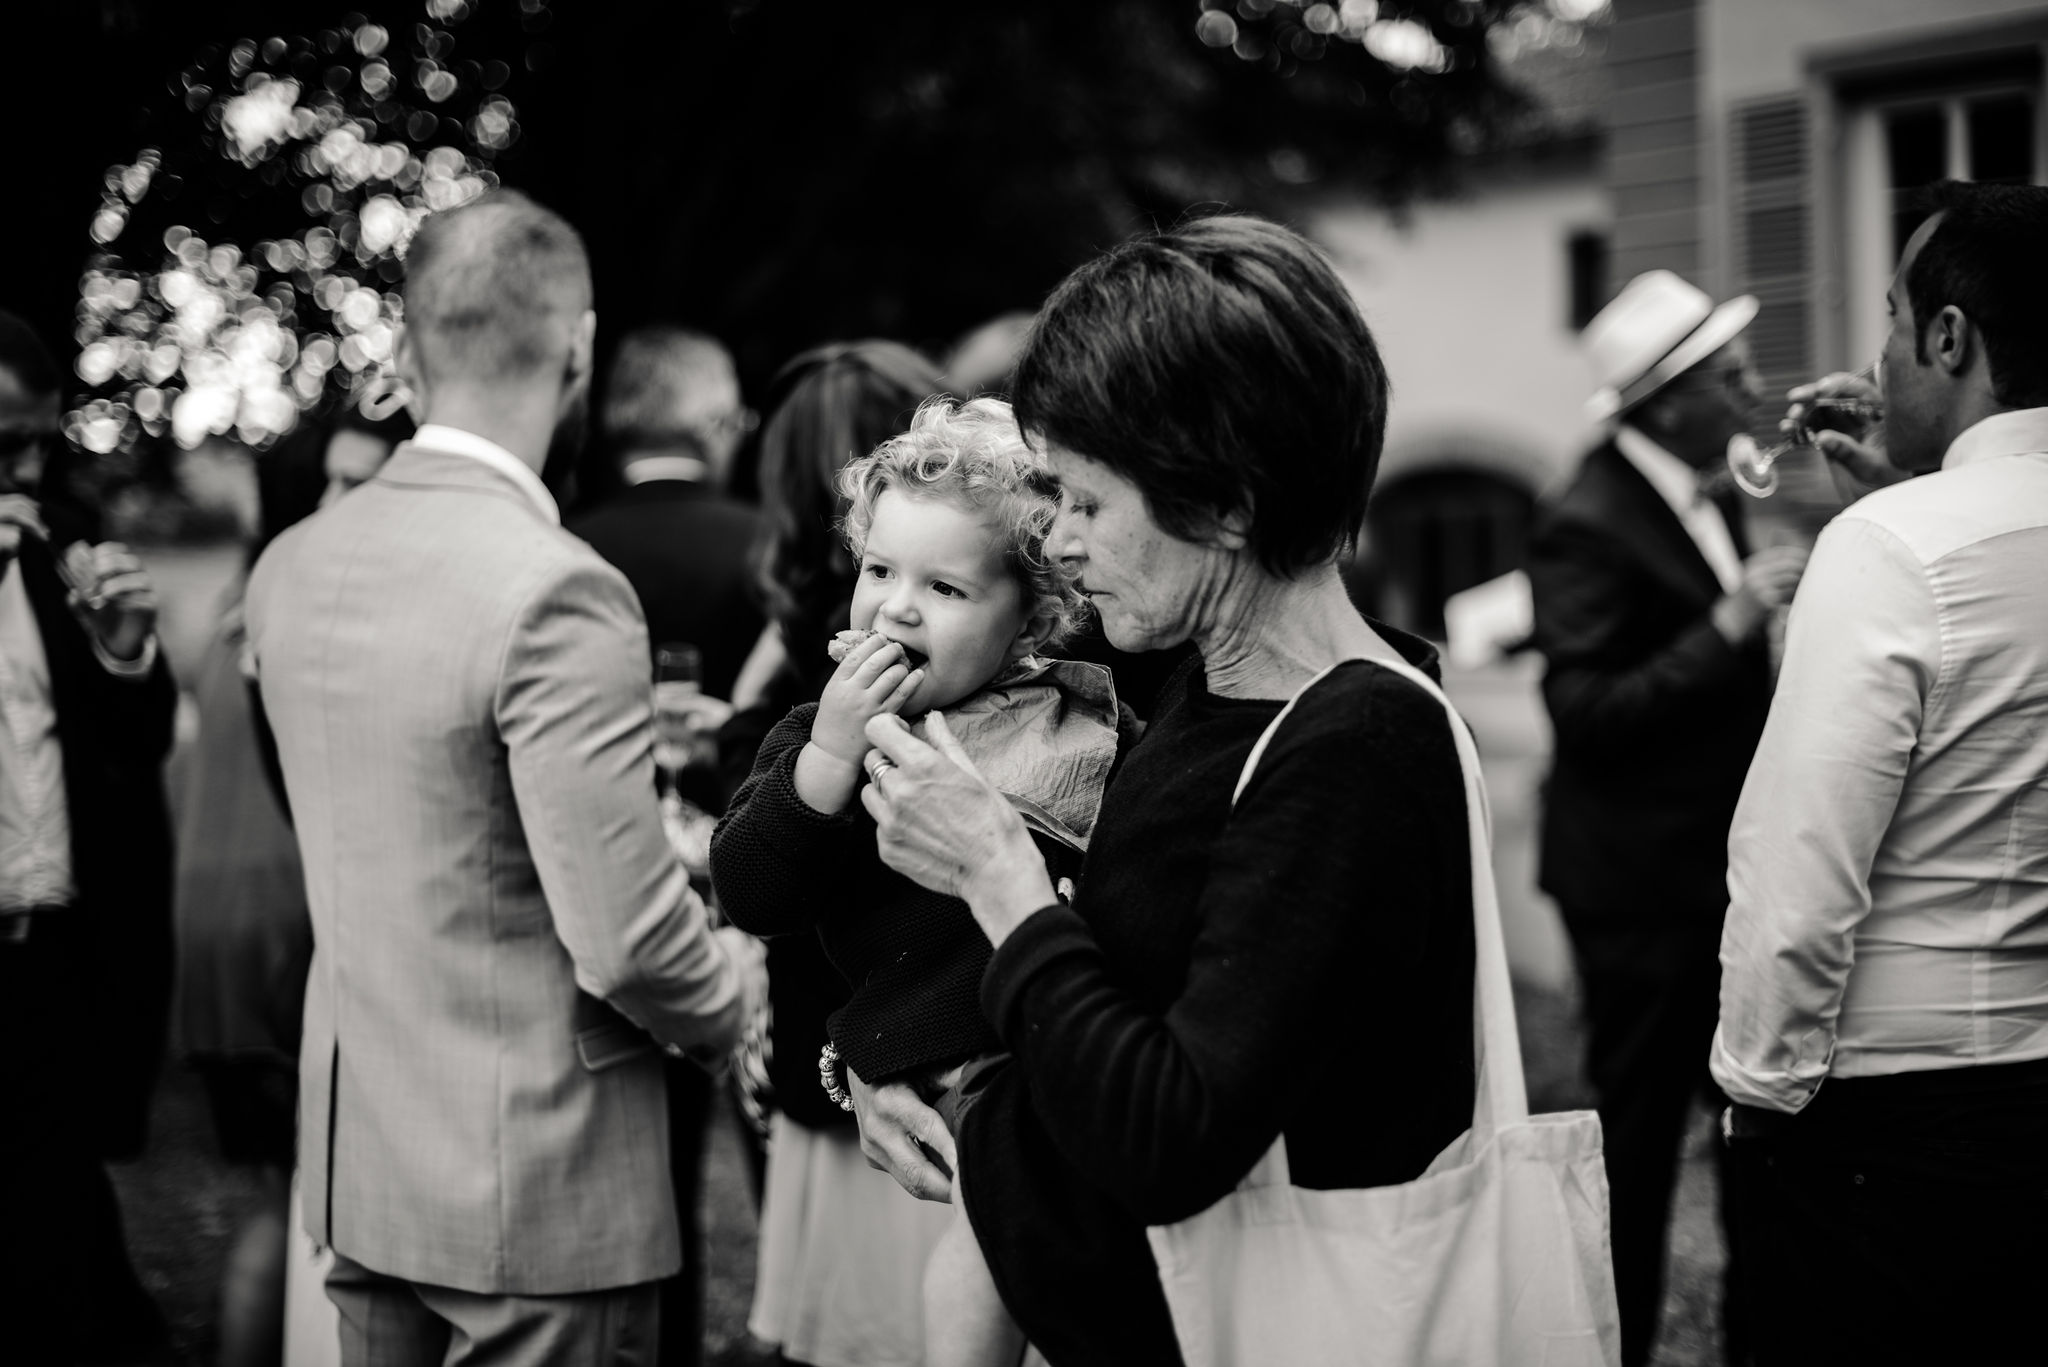 Léa-Fery-photographe-professionnel-lyon-rhone-alpes-portrait-creation-mariage-evenement-evenementiel-famille-7495.jpg